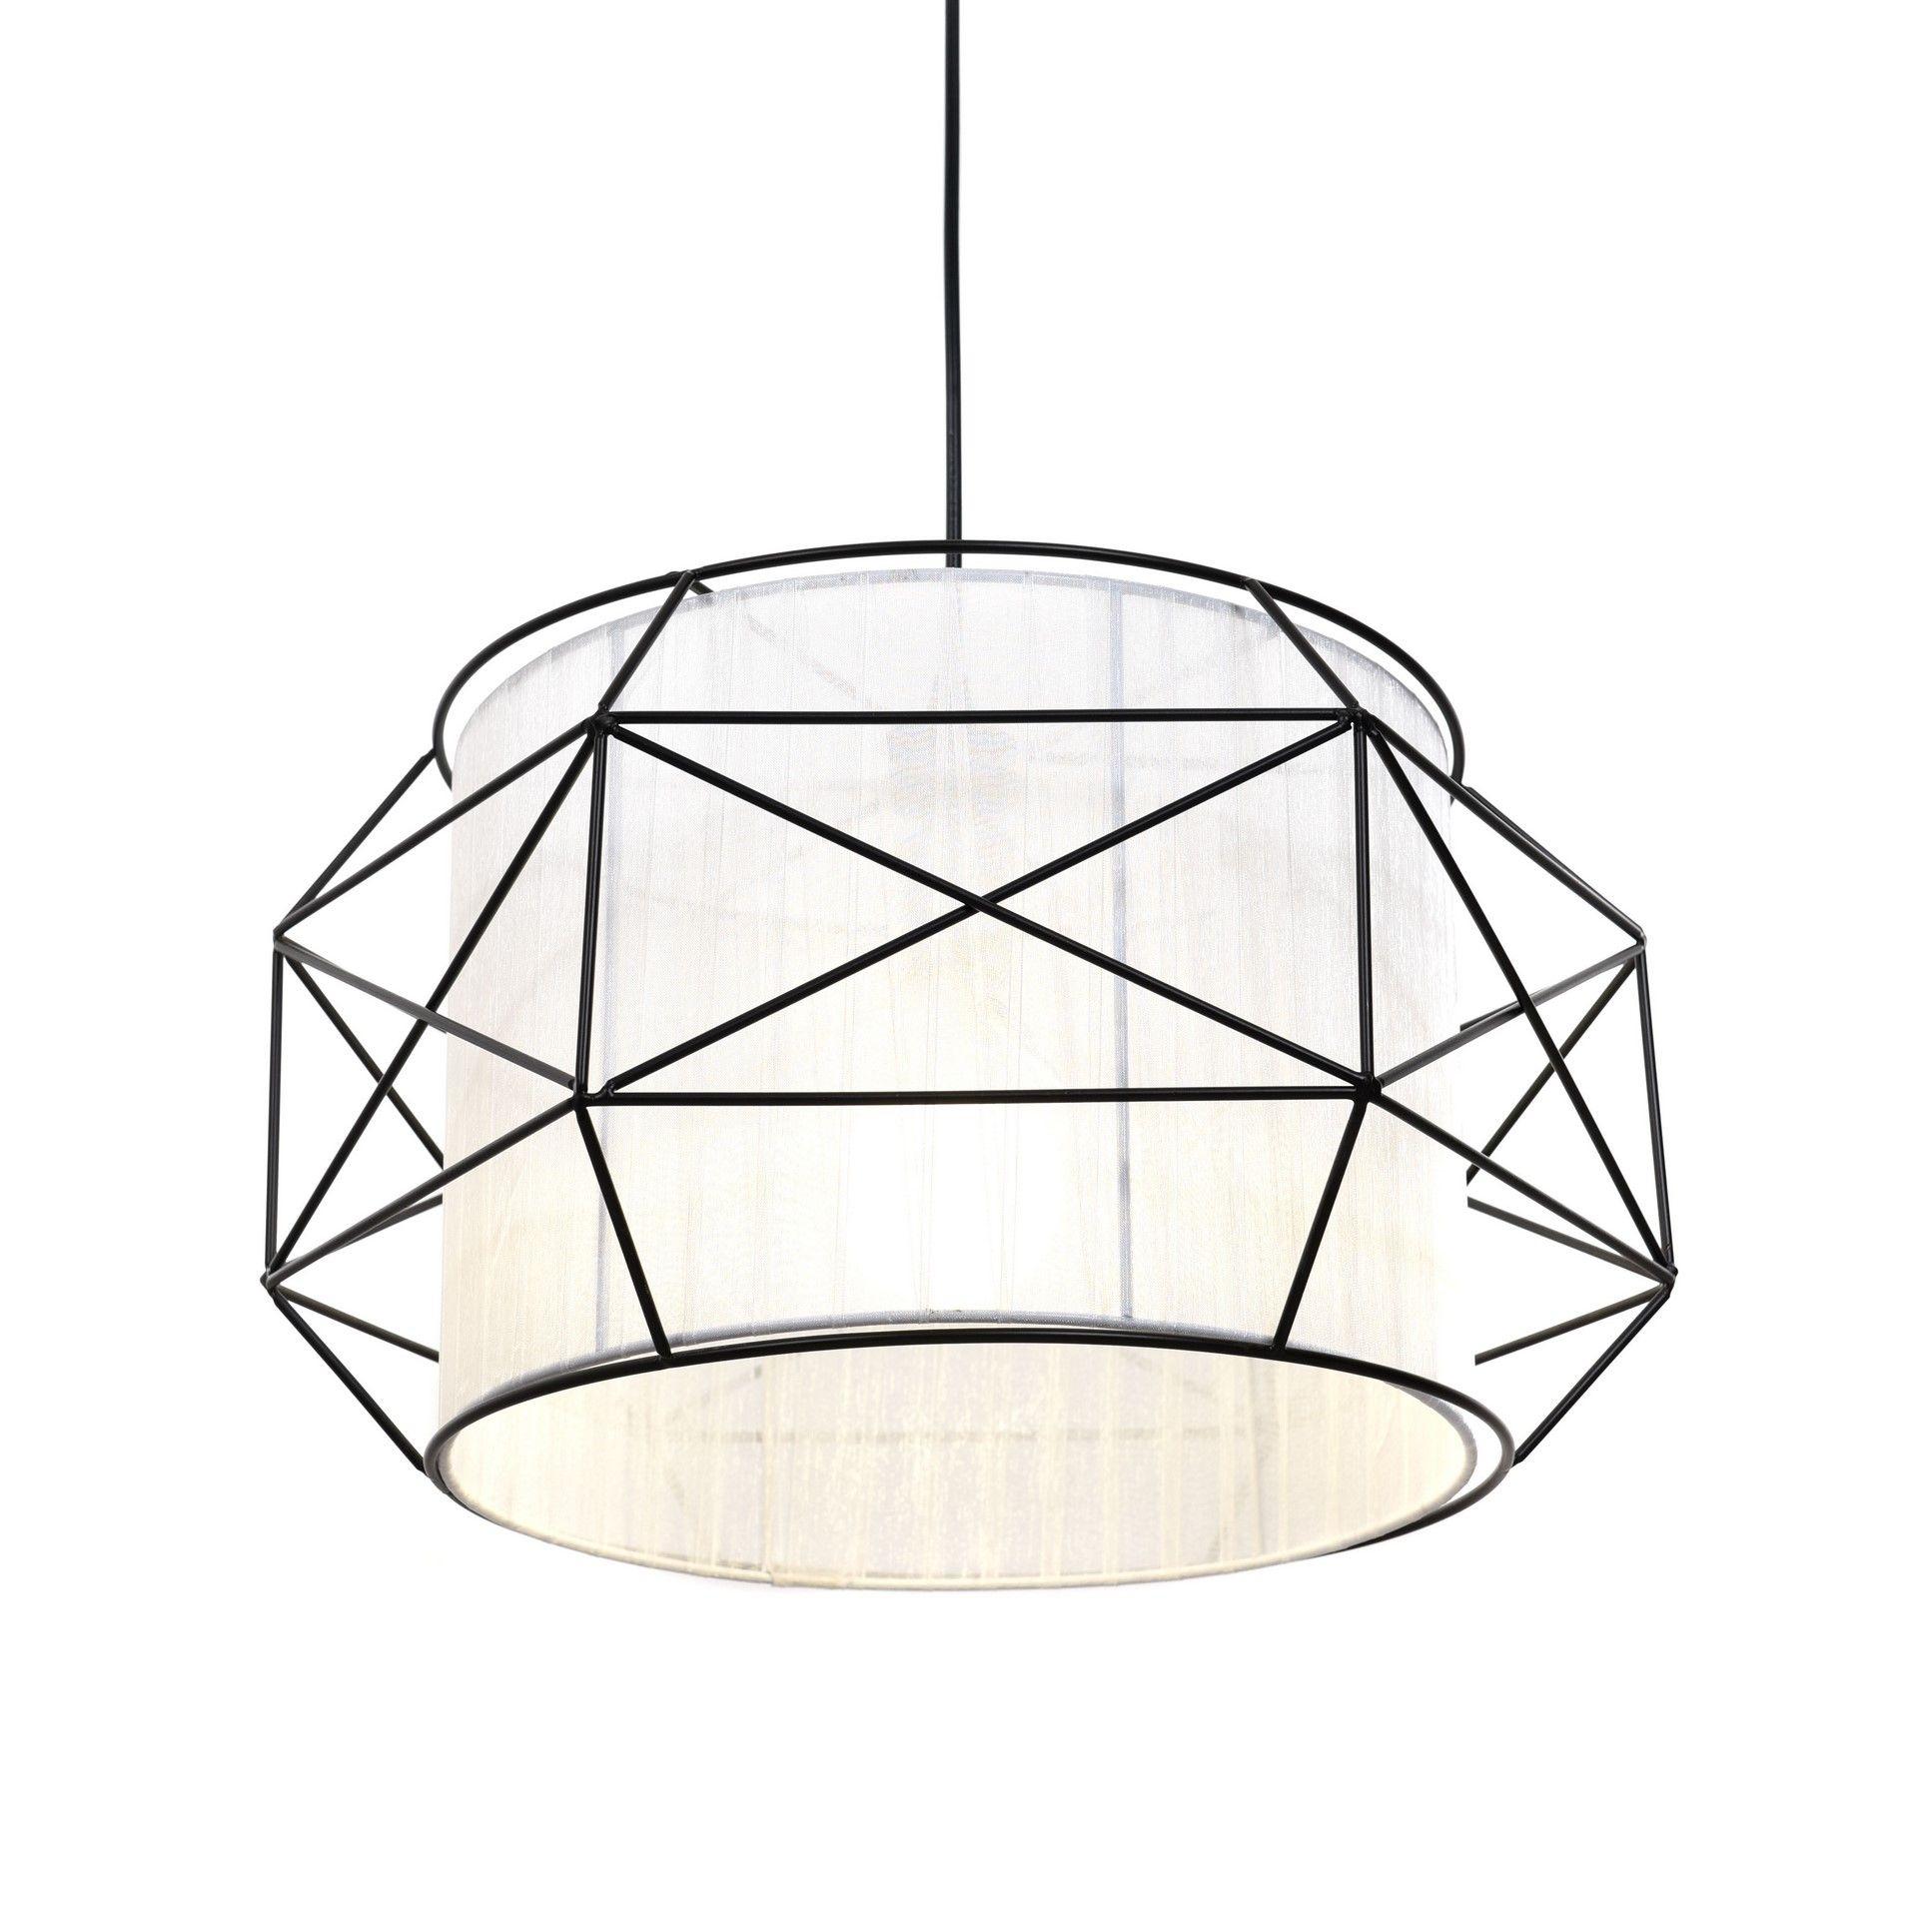 Подвесной светильник Lumina Deco Berti LDP 8001 BK+WT, 1xE27x40W, черный, белый, черно-белый, металл, текстиль - фото 3